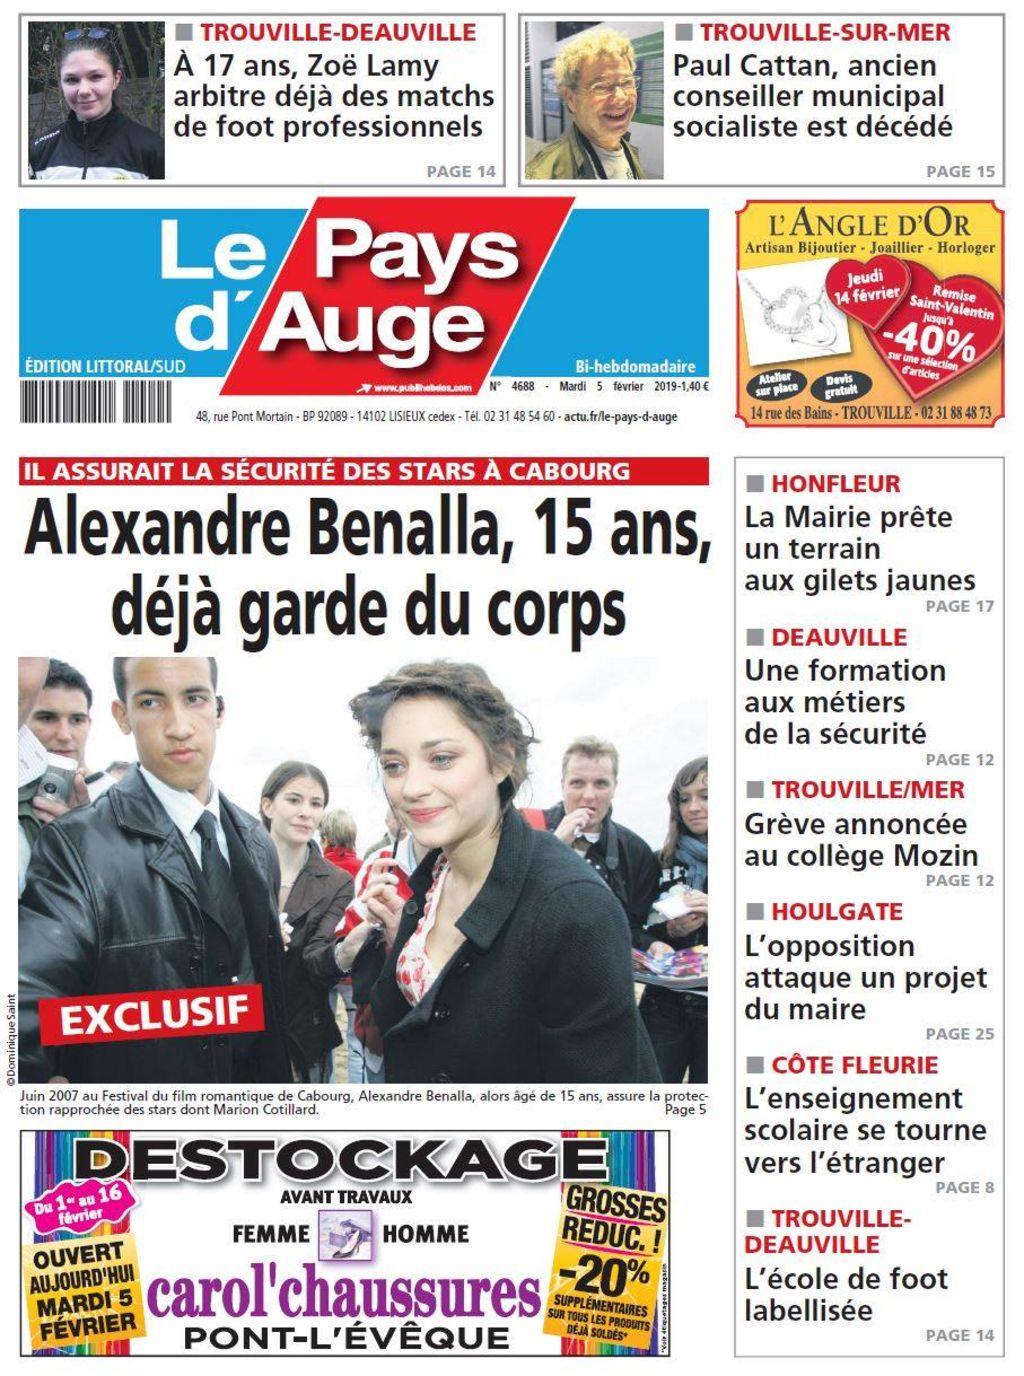 Alexandre Benalla : à 15 ans il jouait au garde du corps pour des acteurs français !